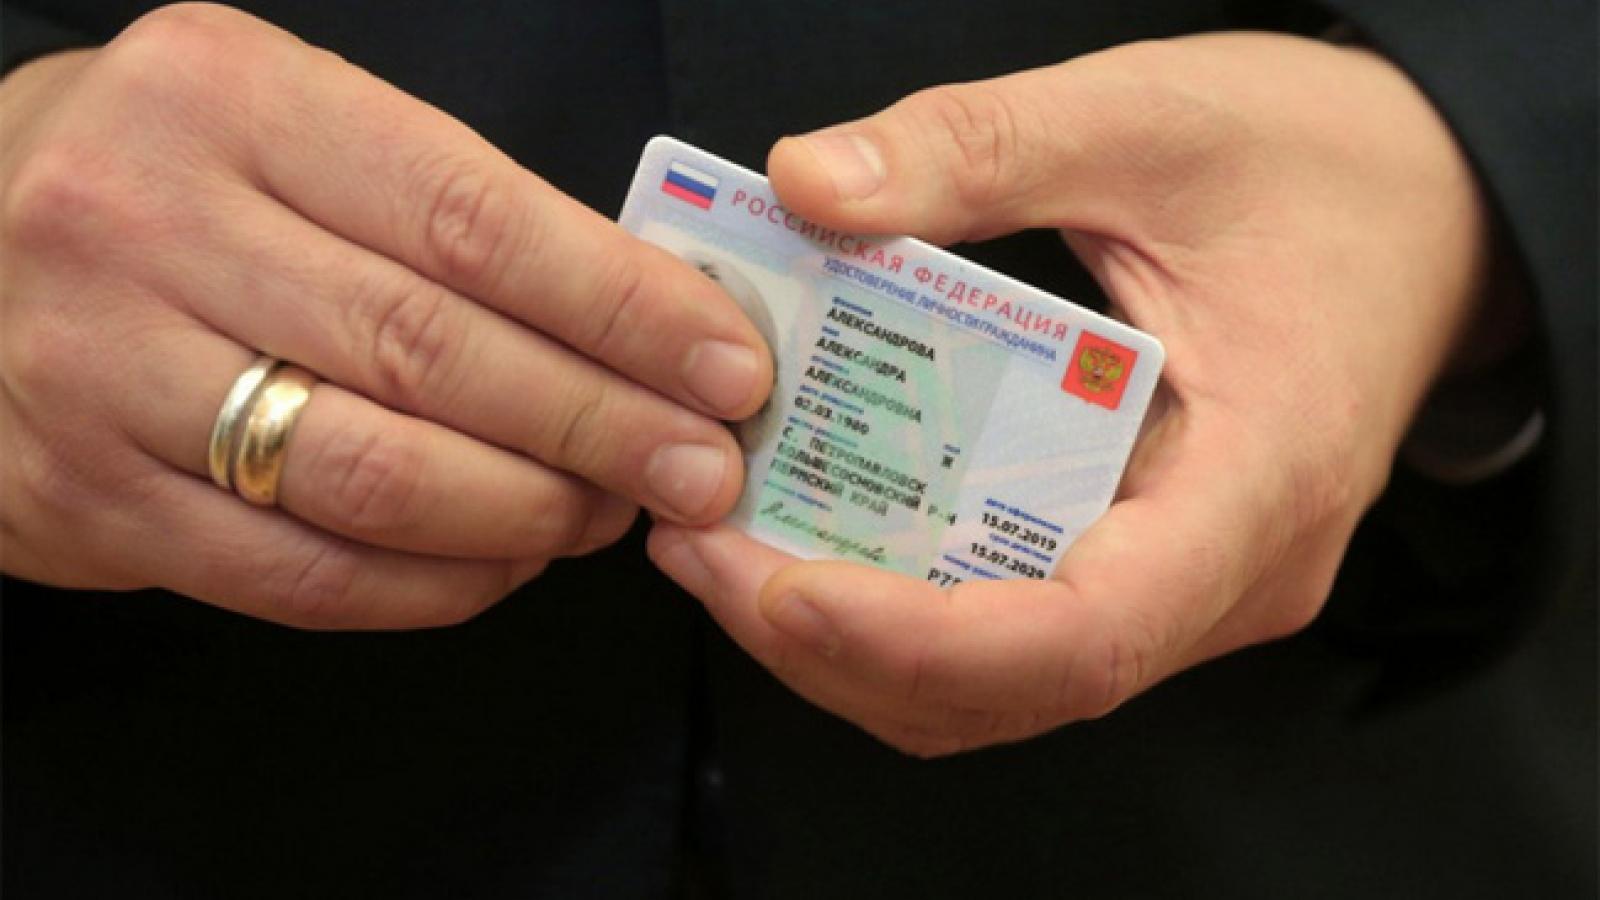 Nga lên kế hoạch sử dụng hộ chiếu điện tử